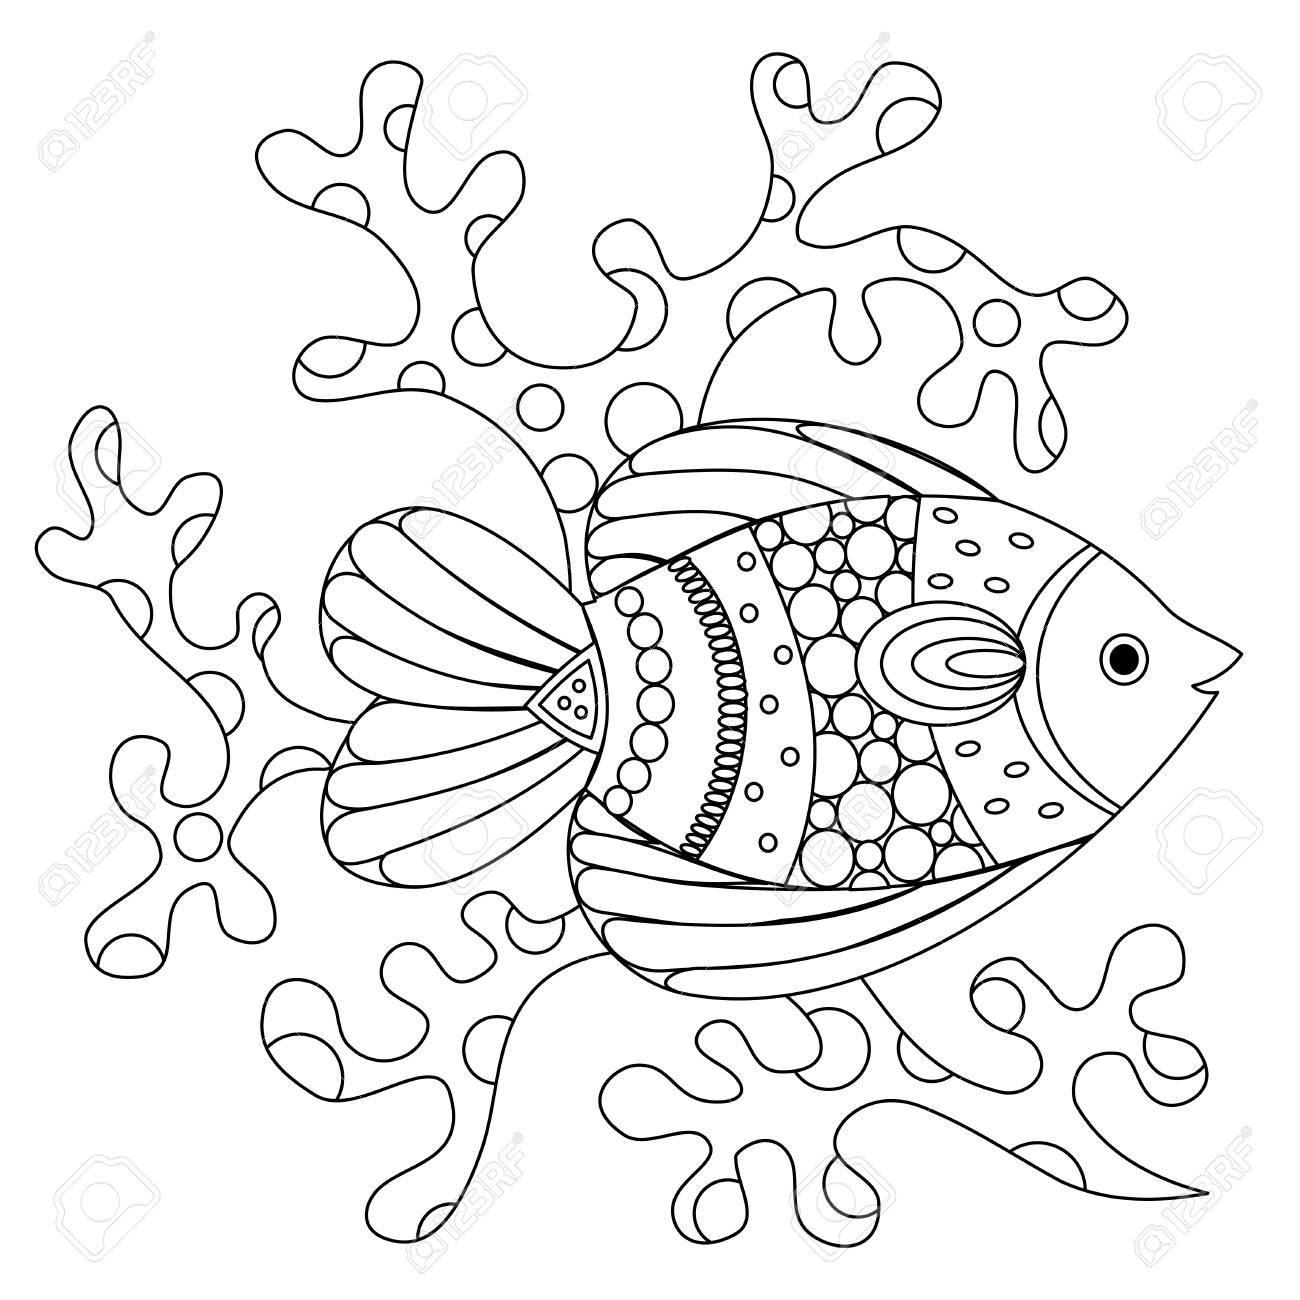 Fantastisch Meeresfische Malvorlagen Zeitgenössisch - Entry Level ...